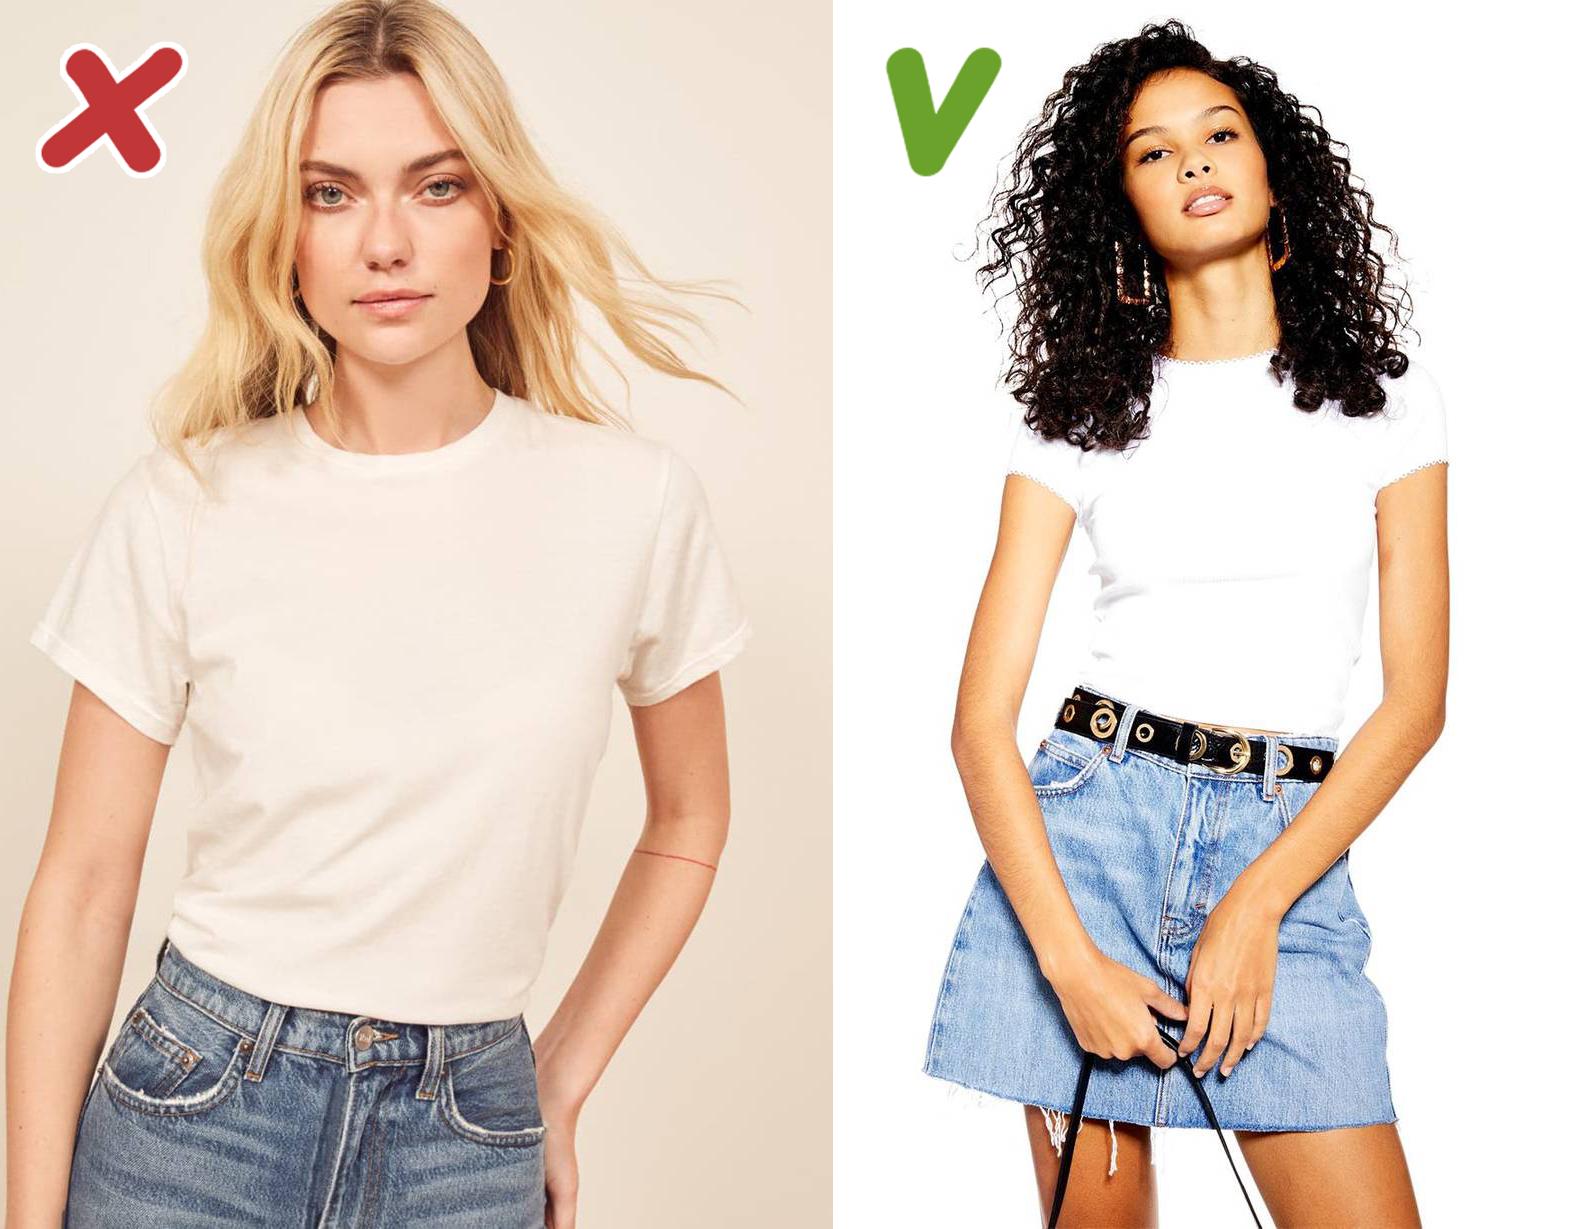 3 kiểu trang phục bạn cần loại bỏ ngay ra khỏi tủ quần áo để dành chỗ cho những thứ xứng đáng hơn - Ảnh 1.